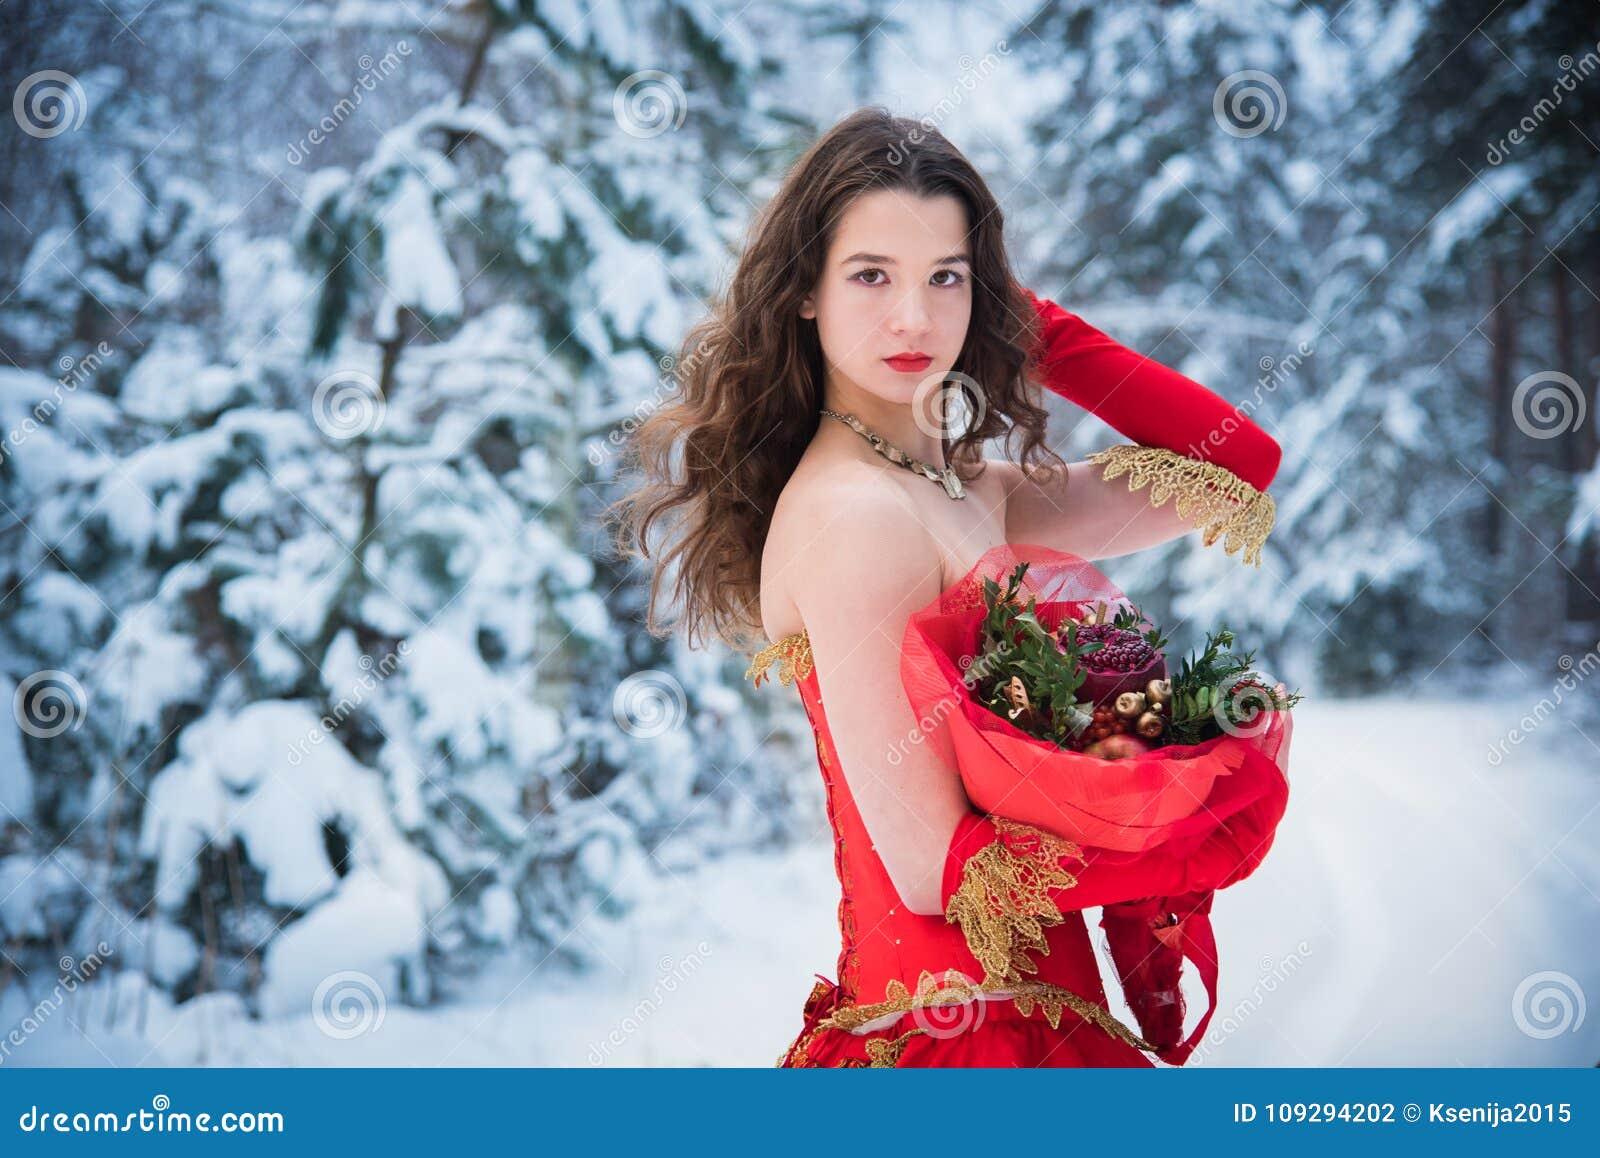 Dziewczyna w baśniowym wizerunku królowej pozy w śnieżystego zima lasu czerwieni Długiej sukni, bukiet owoc, czerwoni jabłka